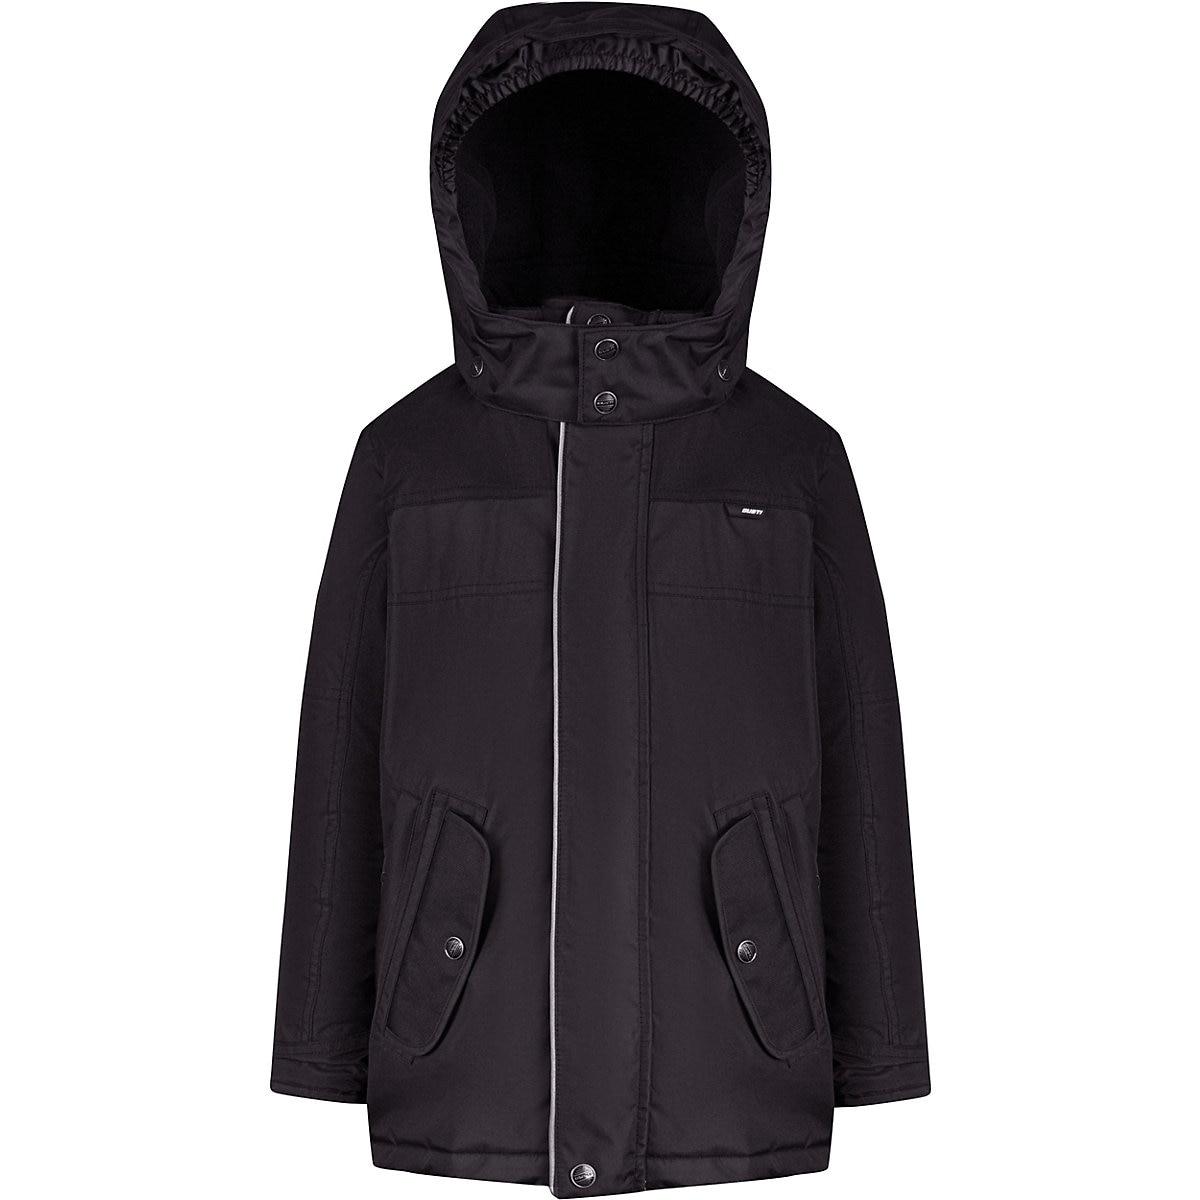 GUSTI Down & Parkas 9511919 veste pour filles vêtements de sortie d'hiver enfants vestes garçons vêtements MTpromo